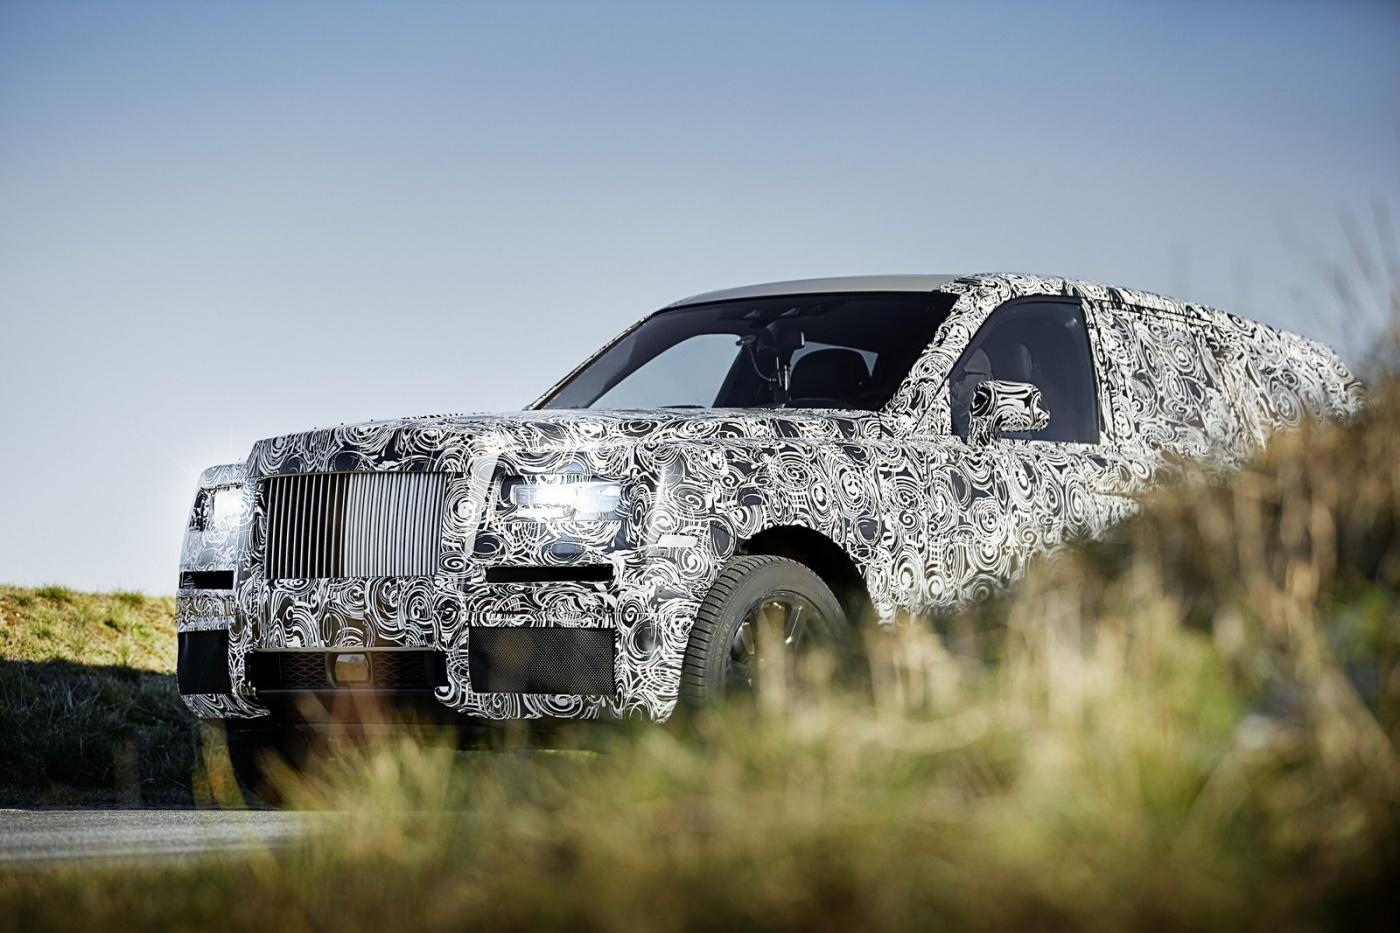 Rolls Royce va avoir un SUV dans sa gamme. Si l'info n'est pas neuve, la marque vient cependant de le confirmer de façon officielle via la diffusion de photos de prototypes lourdement camouflés. Le projet Cullinan n'a pas de de date de sortie ou d'autres informations, mais va subir une importante batterie de tests en 2017.